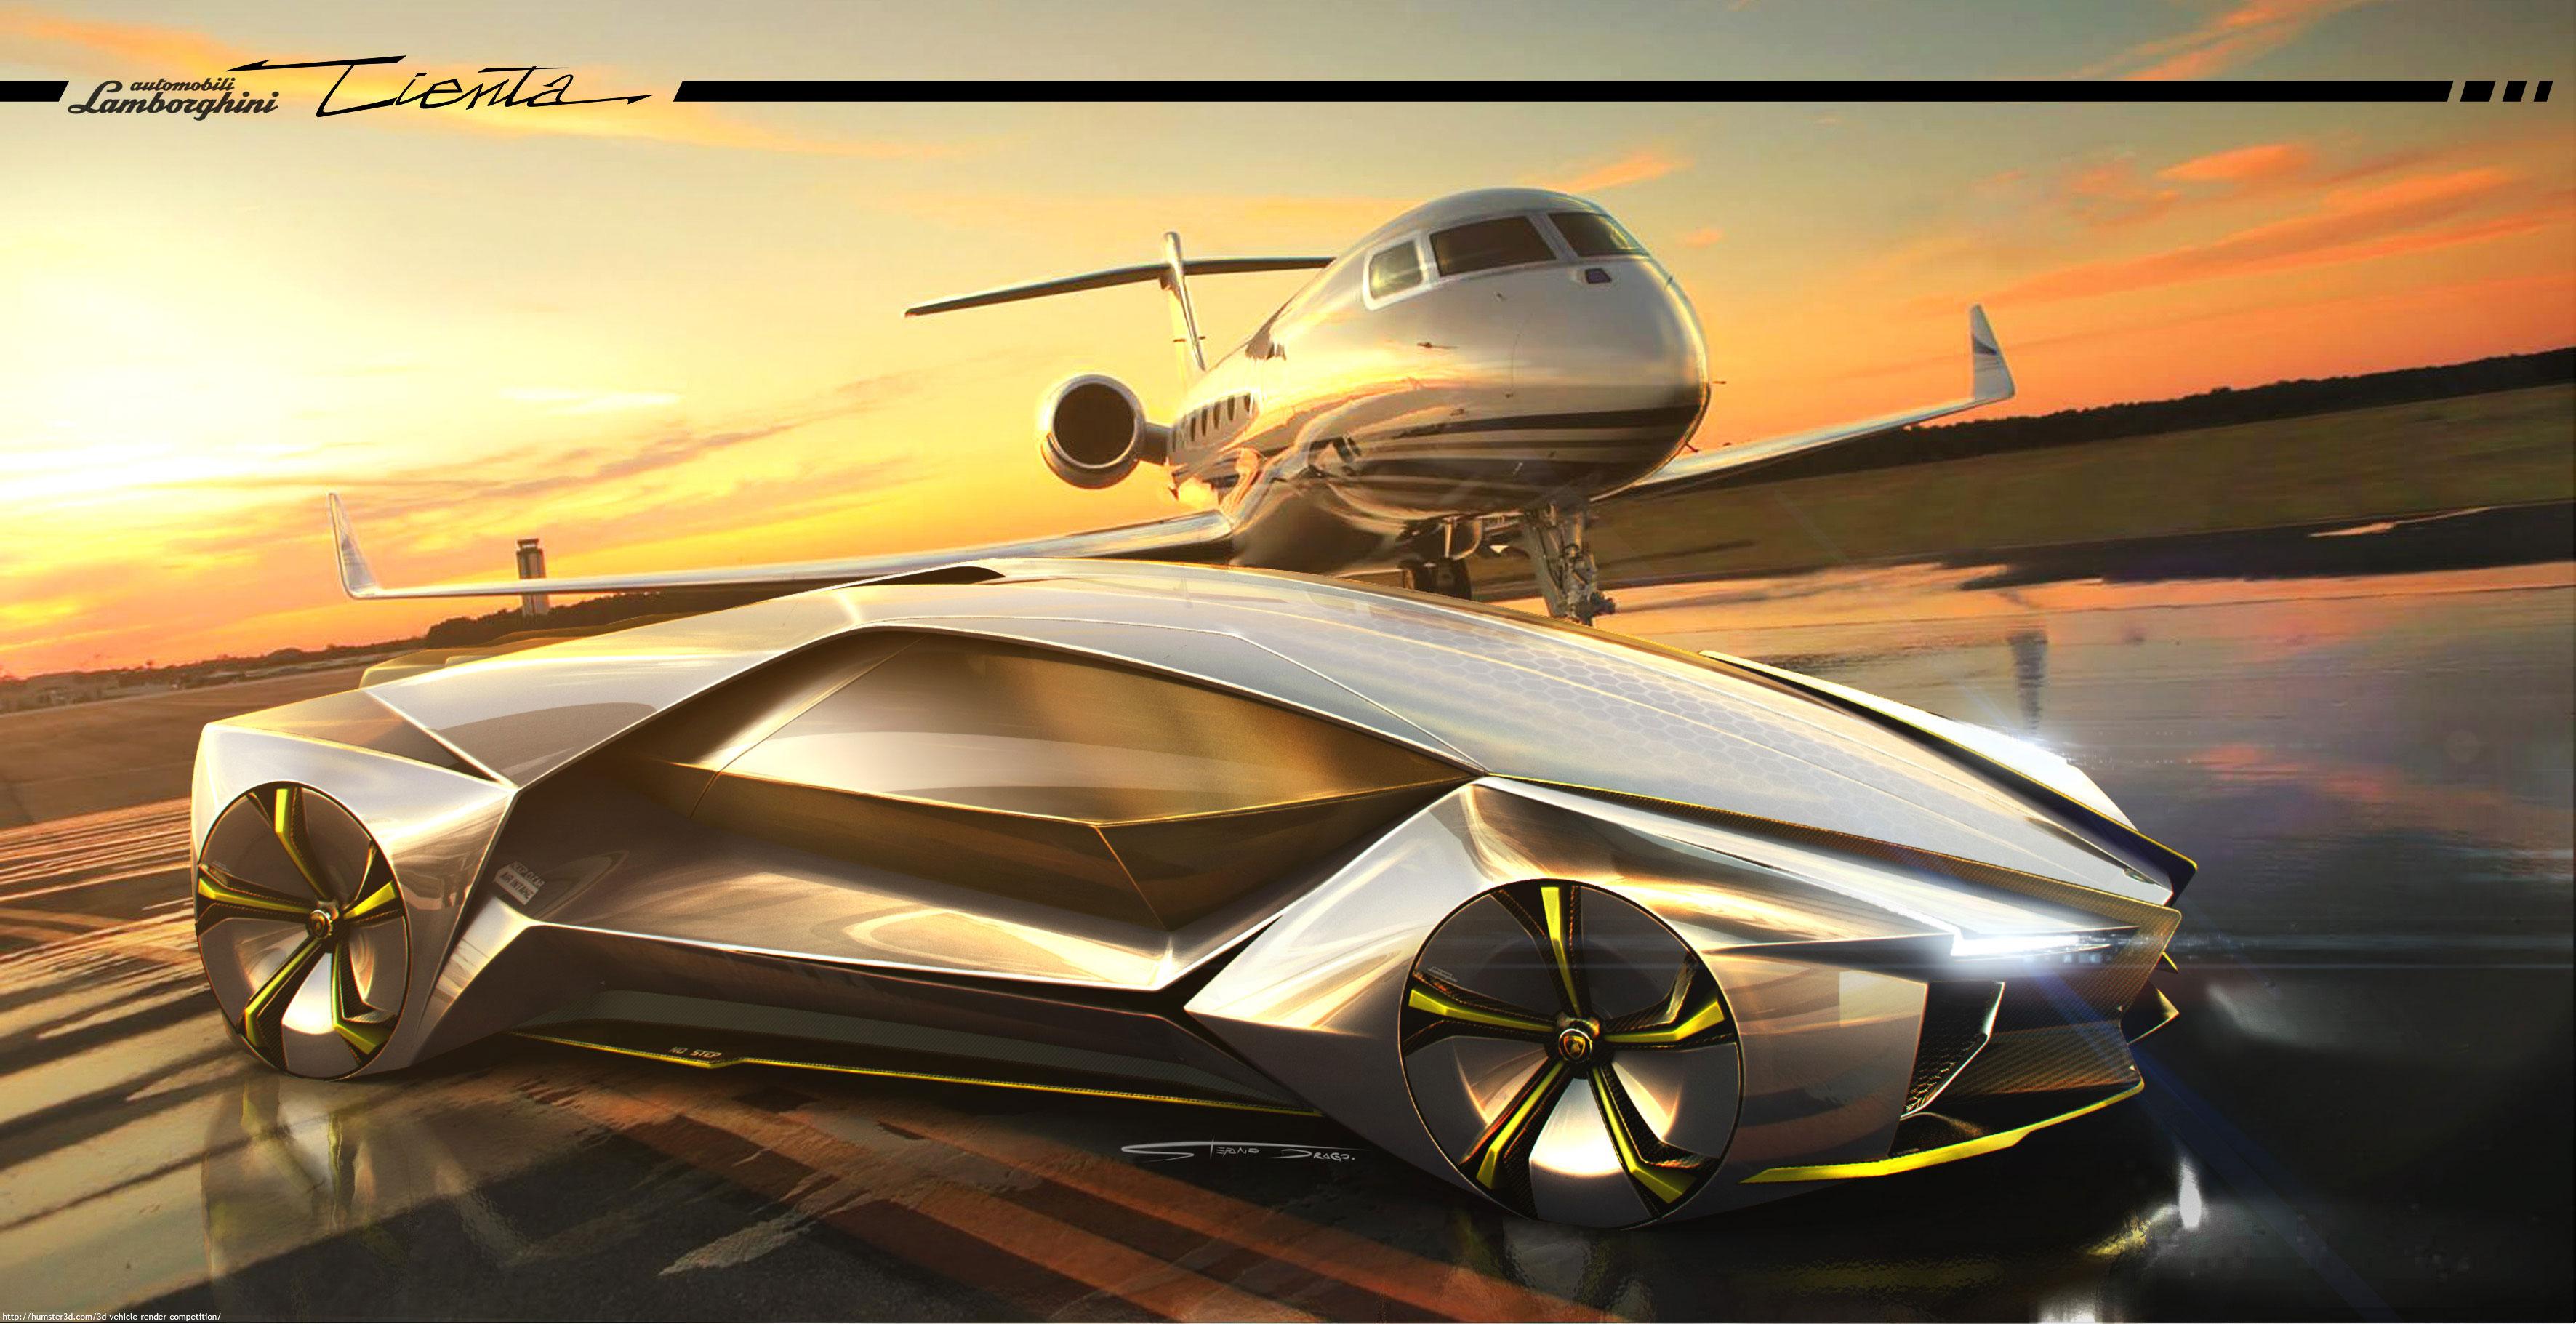 Lamborghini Tienta Concept by Stefano Drago